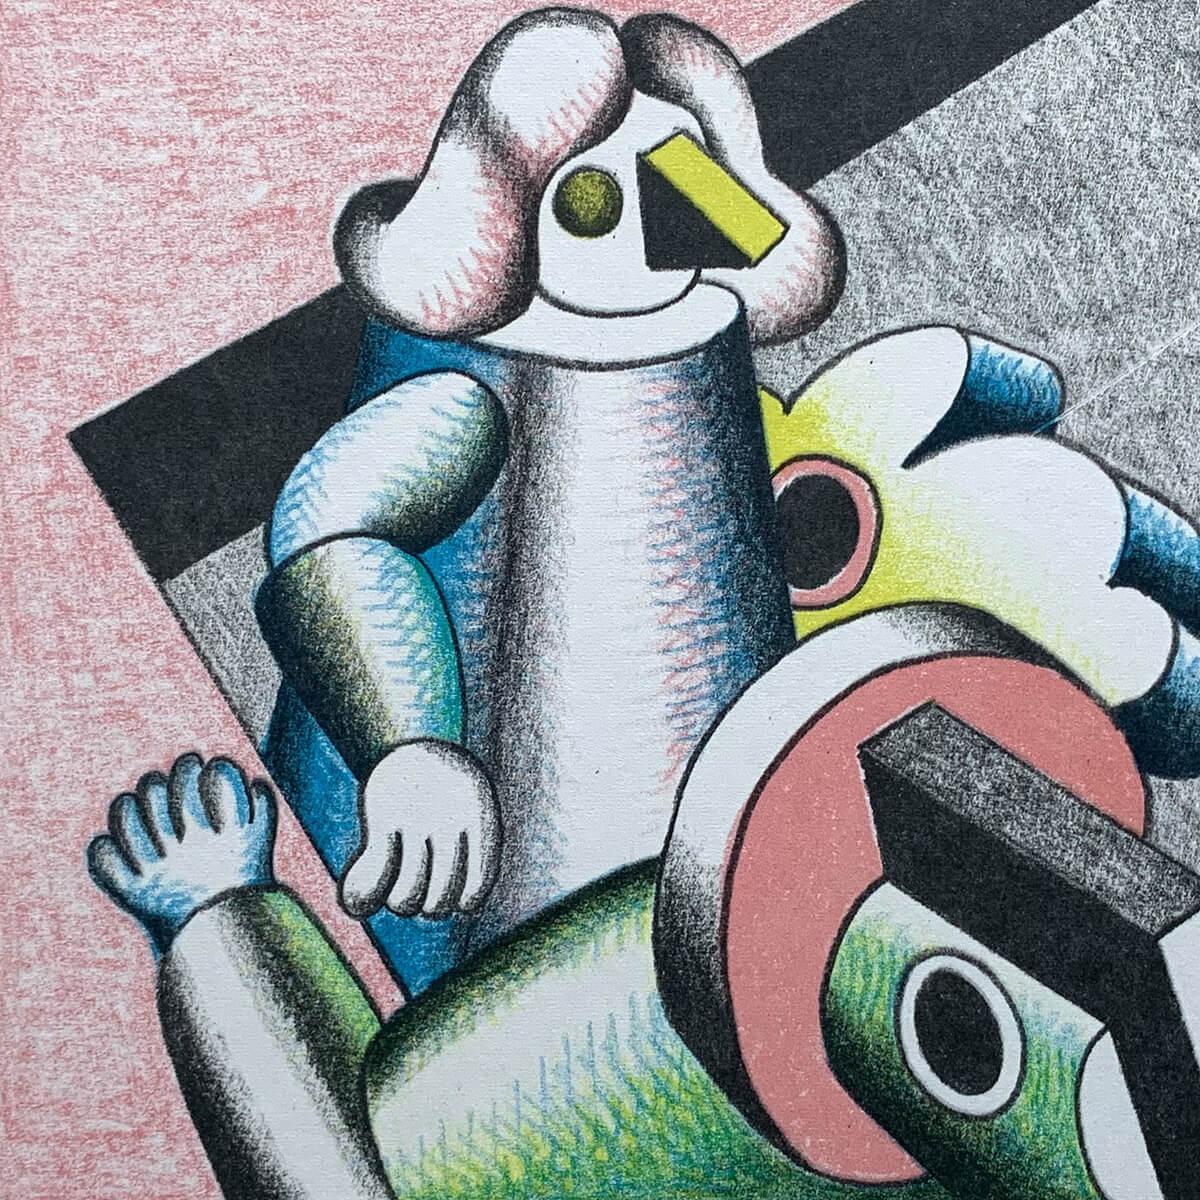 Barbara Jäger Gemälde Figuration Stillleben 1968 - 1970